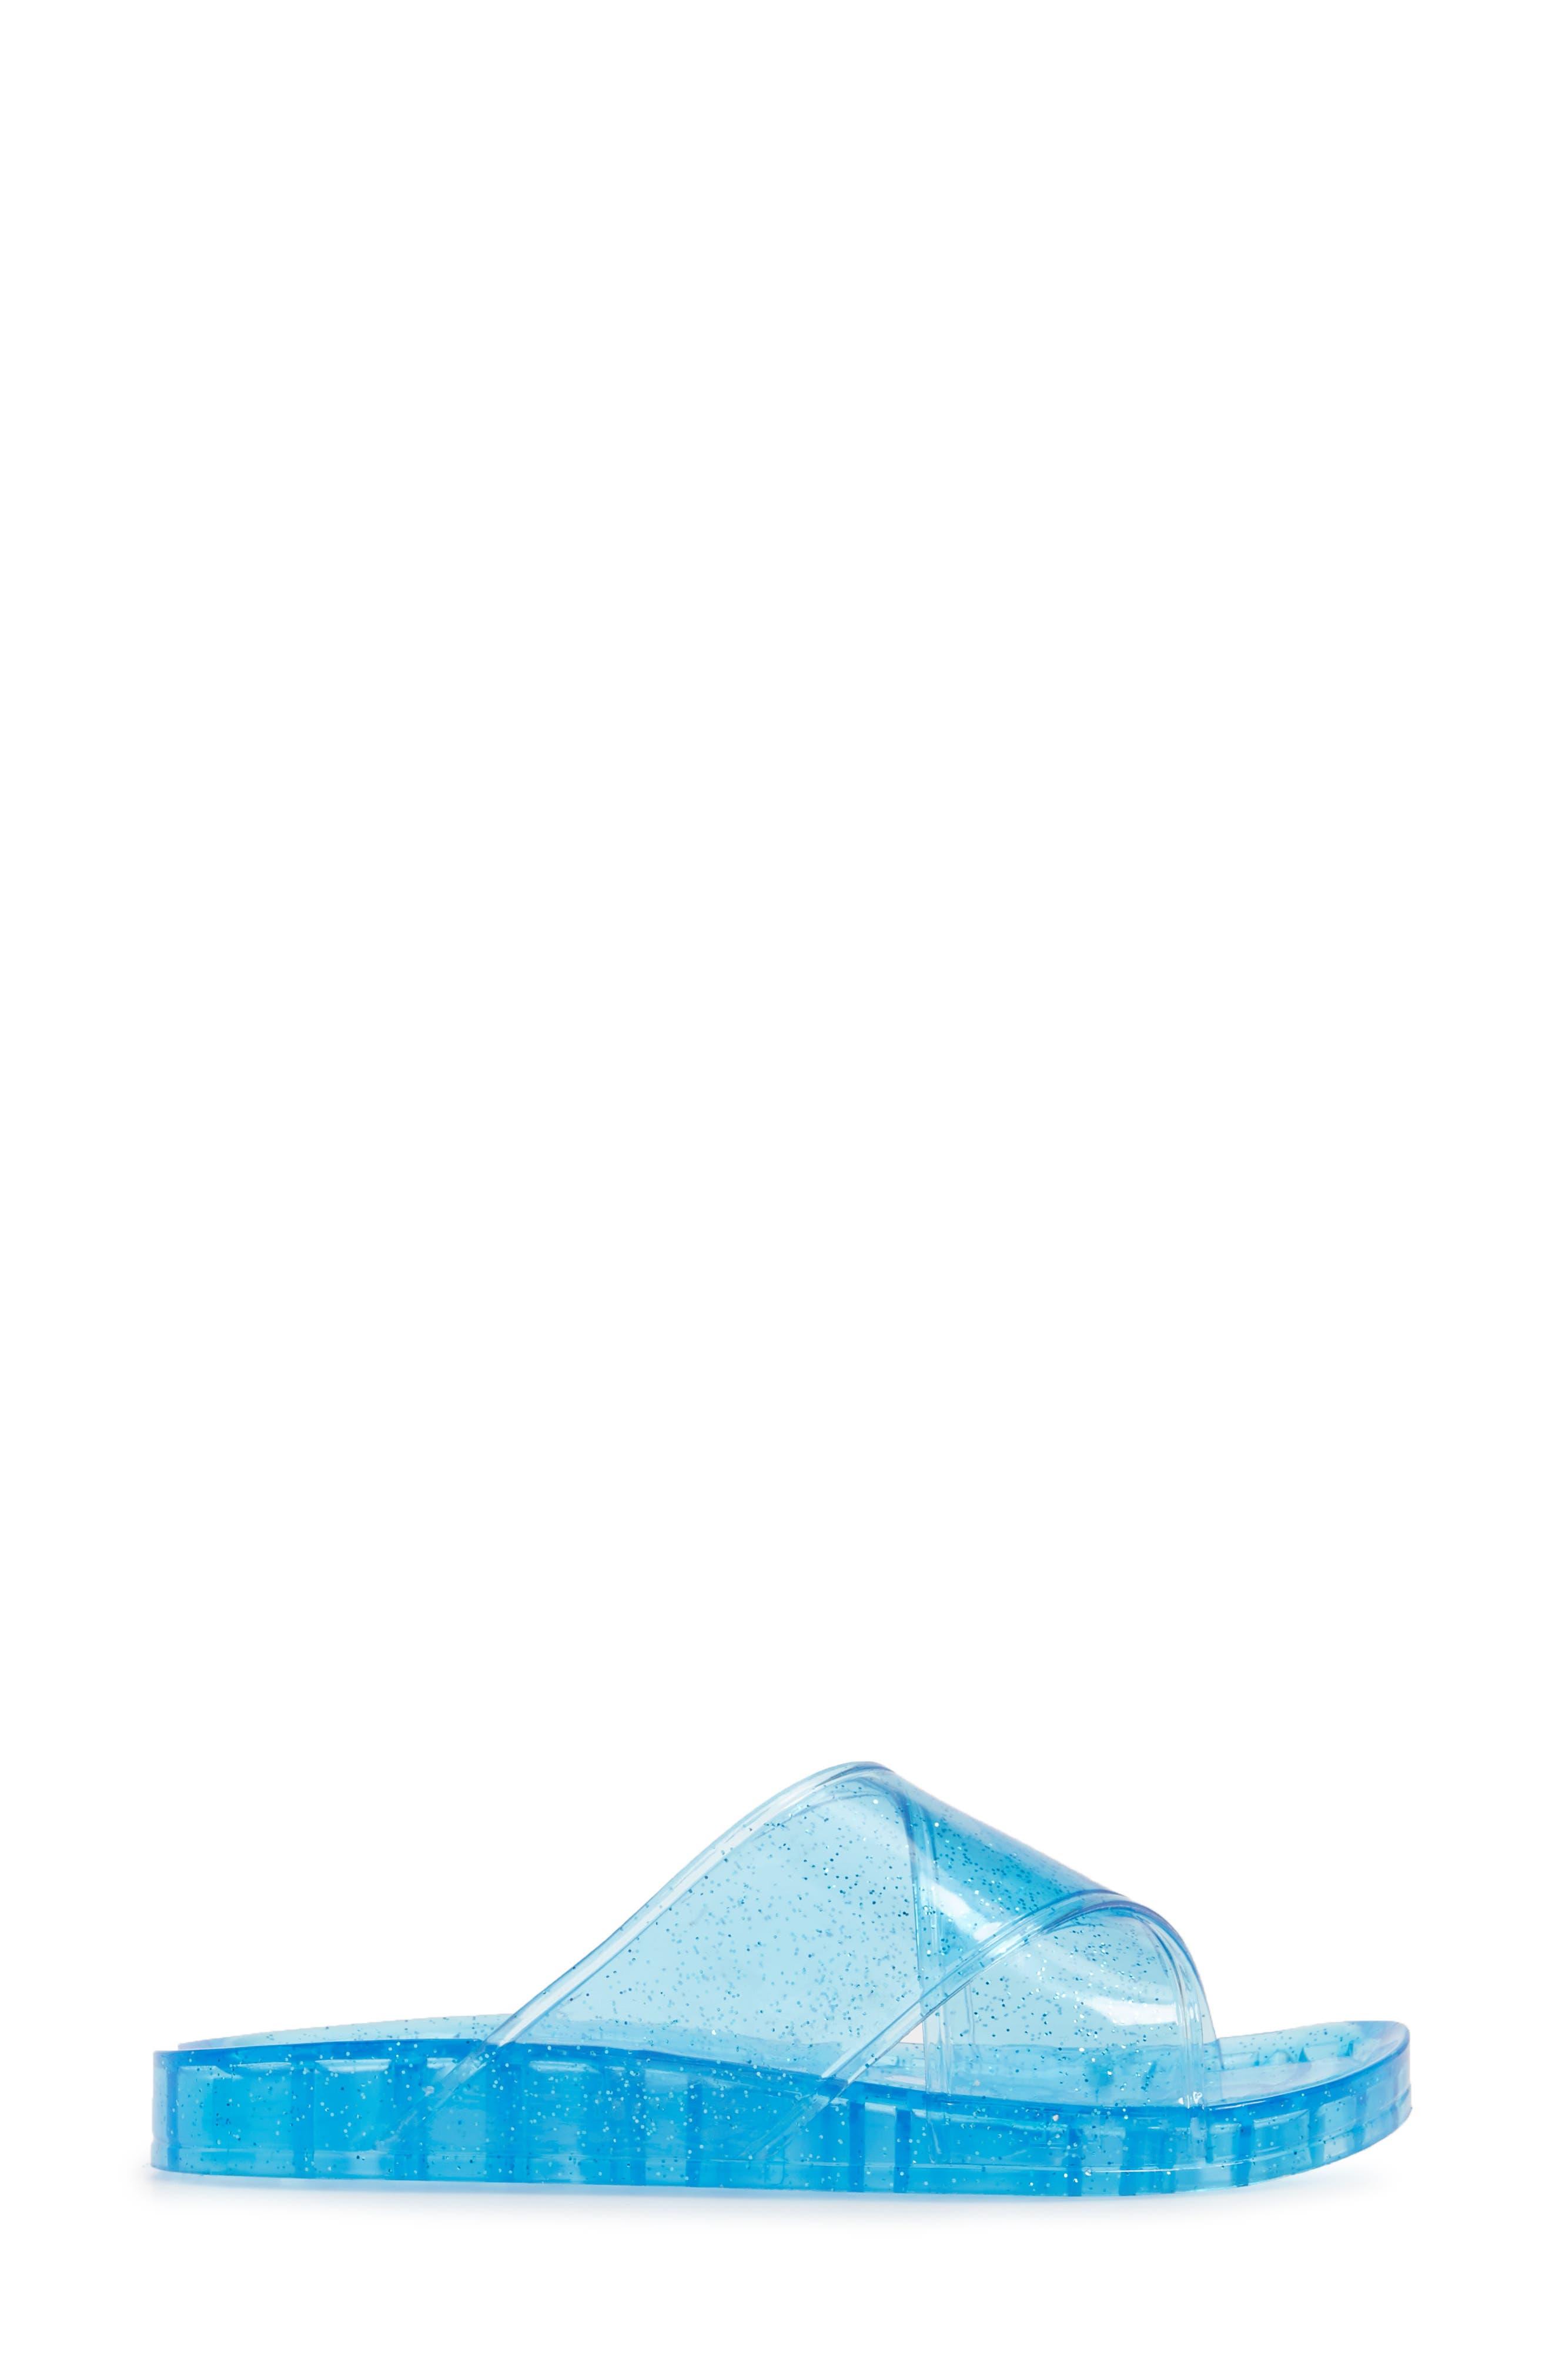 Roxy Jelly Slide Sandal,                             Alternate thumbnail 3, color,                             Blue